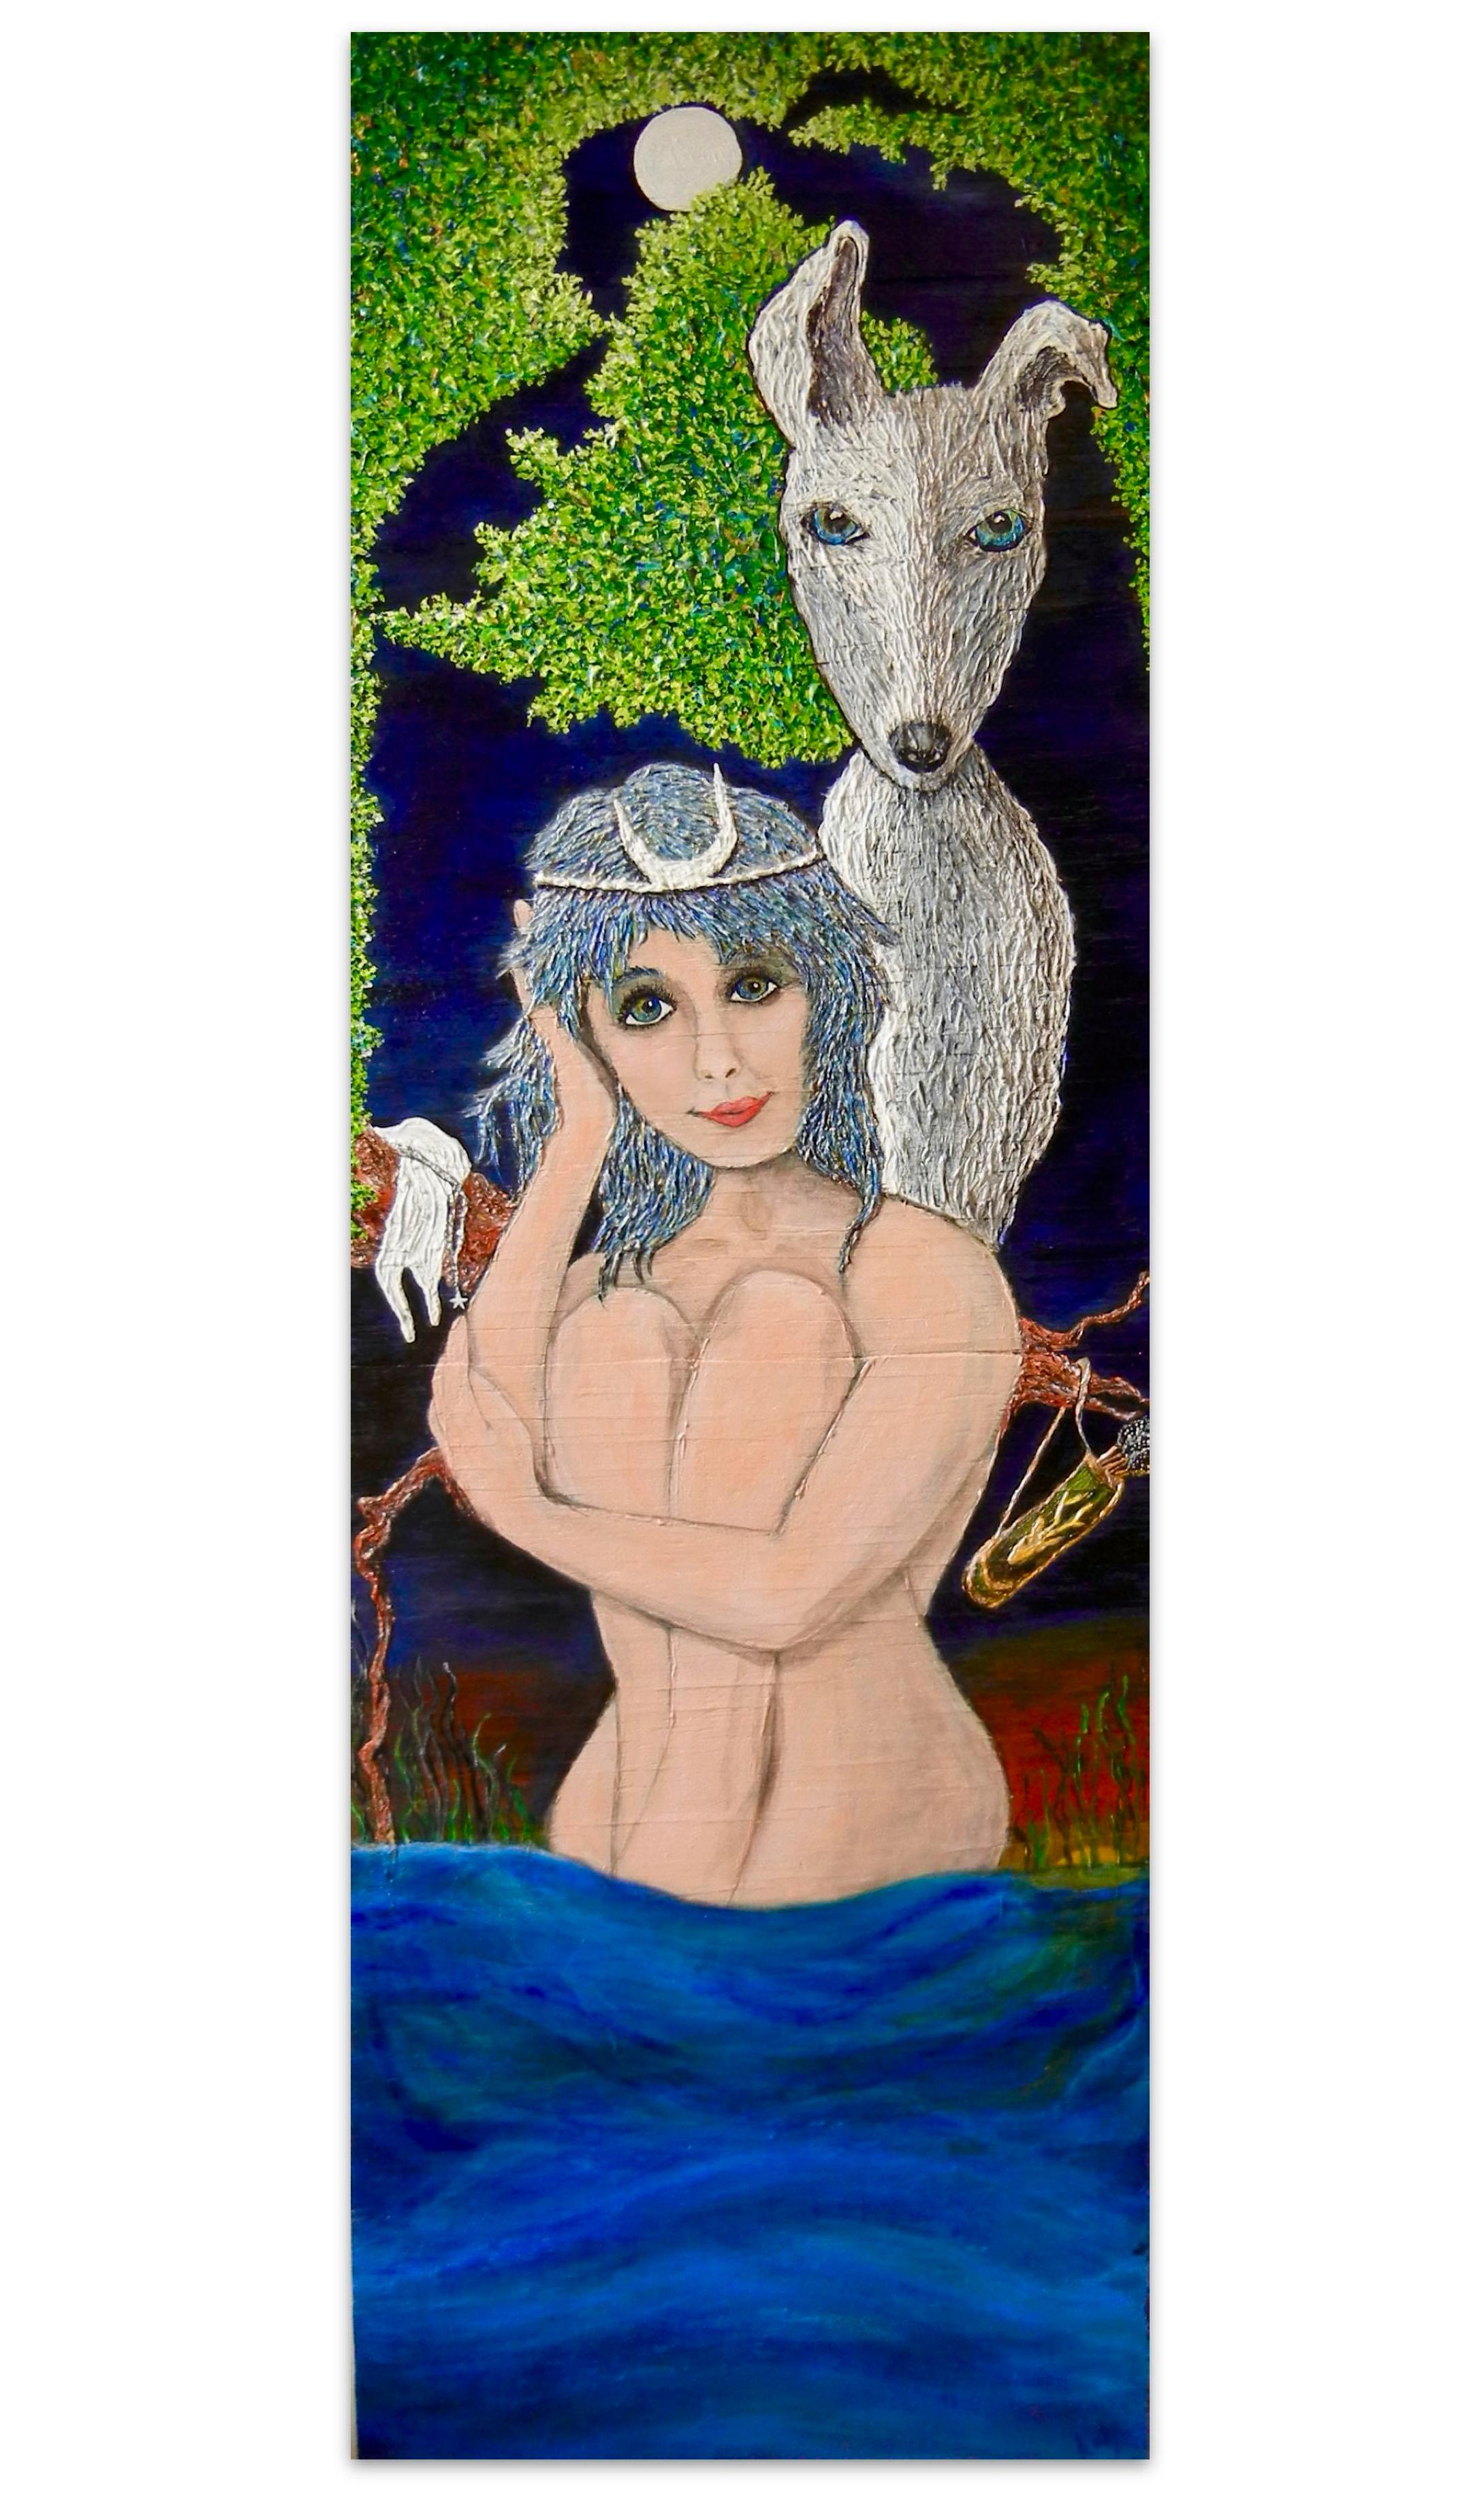 'watching Orion bathe'/St. Simons Artist Katy Boyer | Blissbait Art